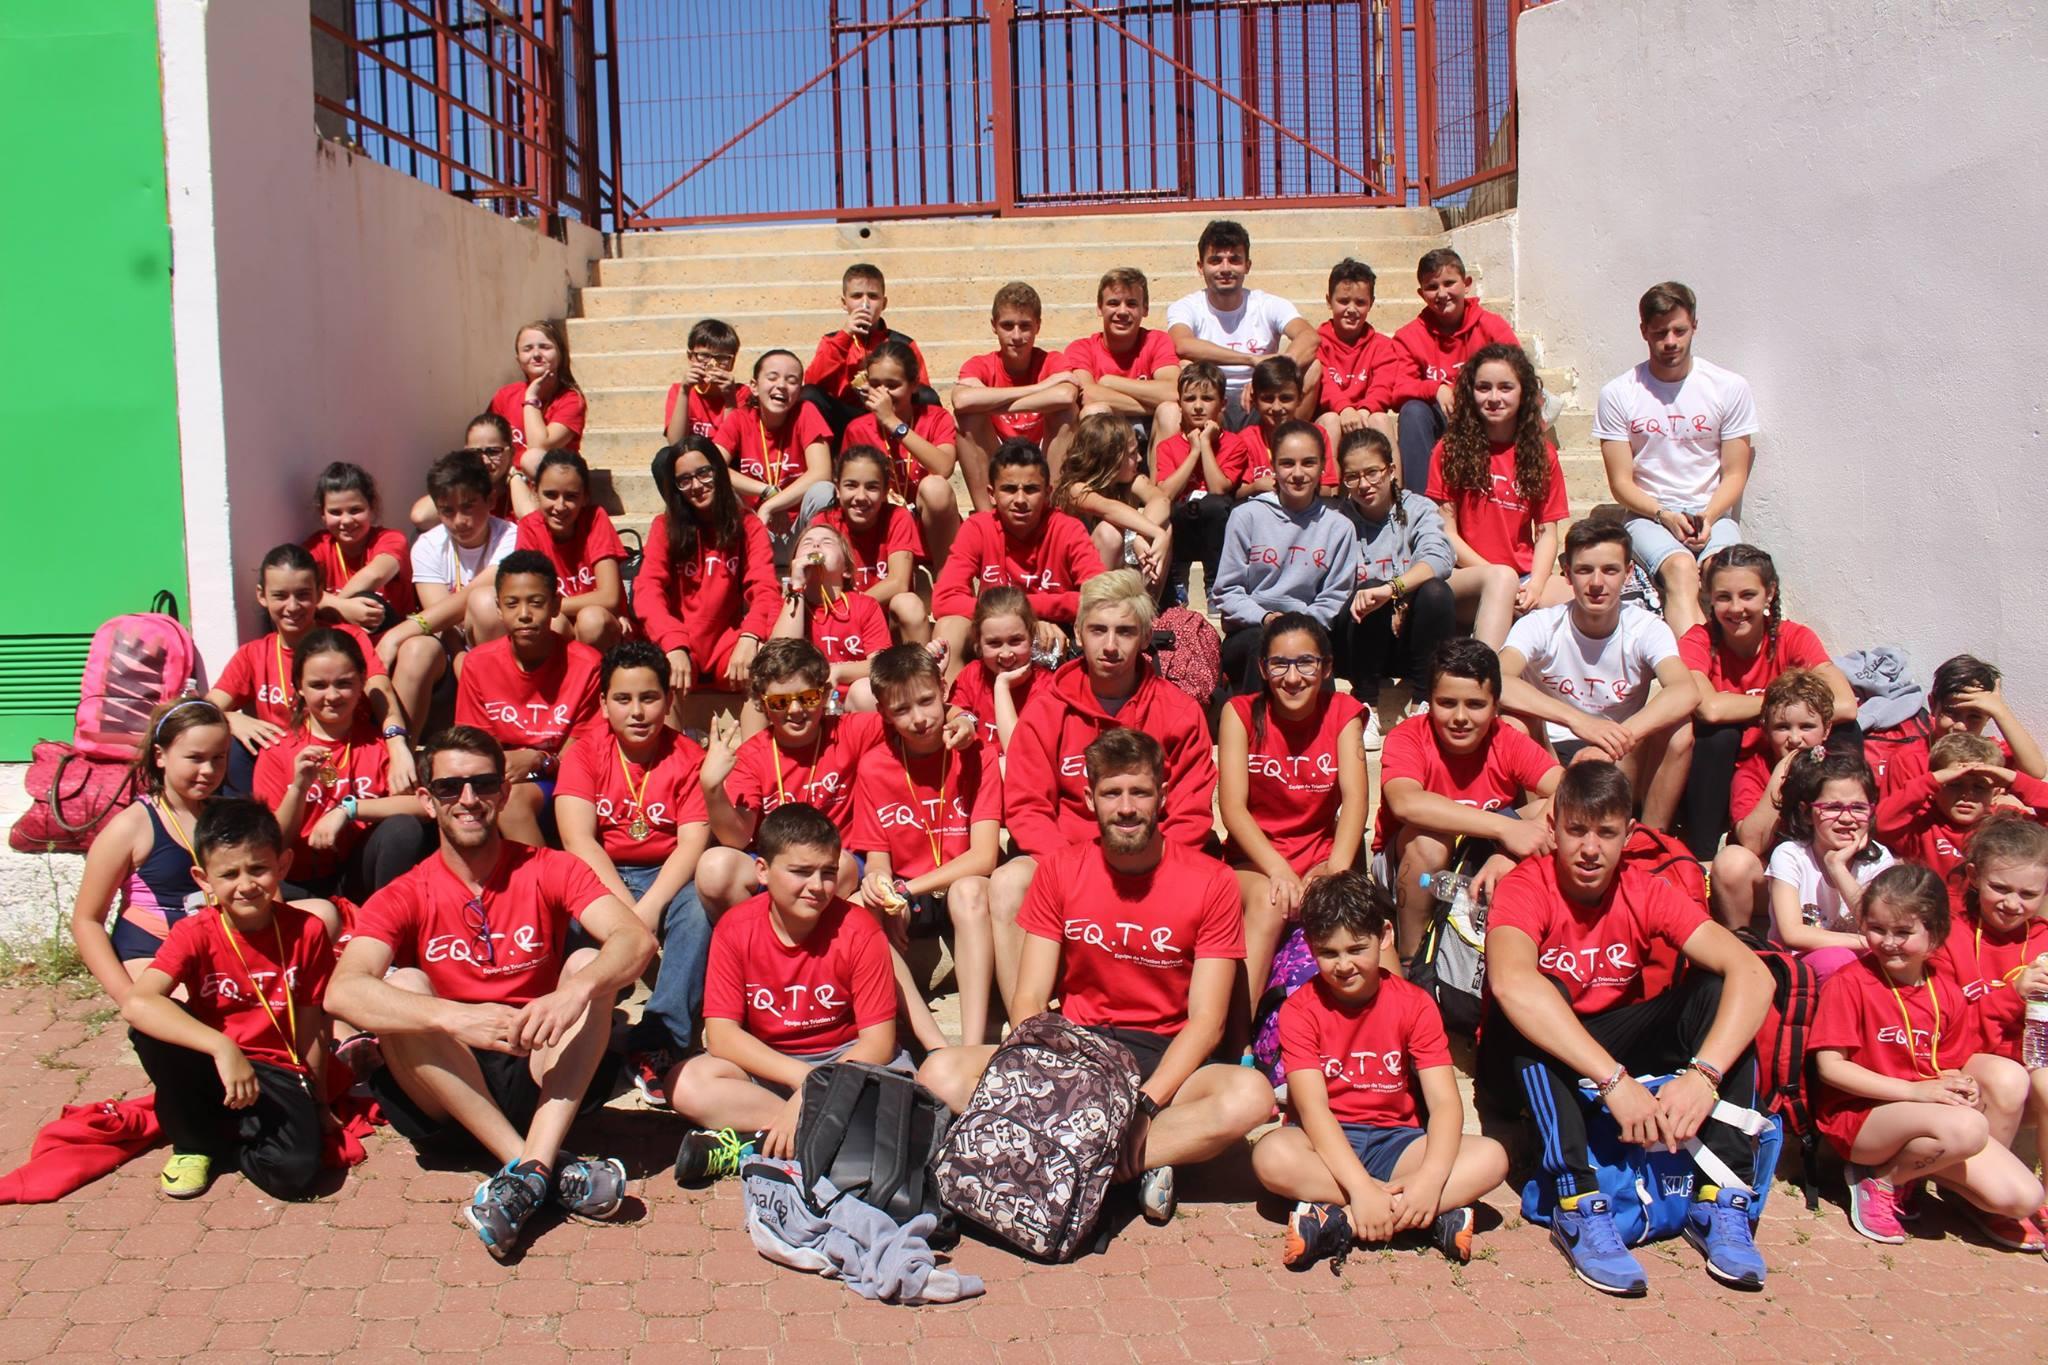 EQTR Doble Campeón Por Equipos En El Regional